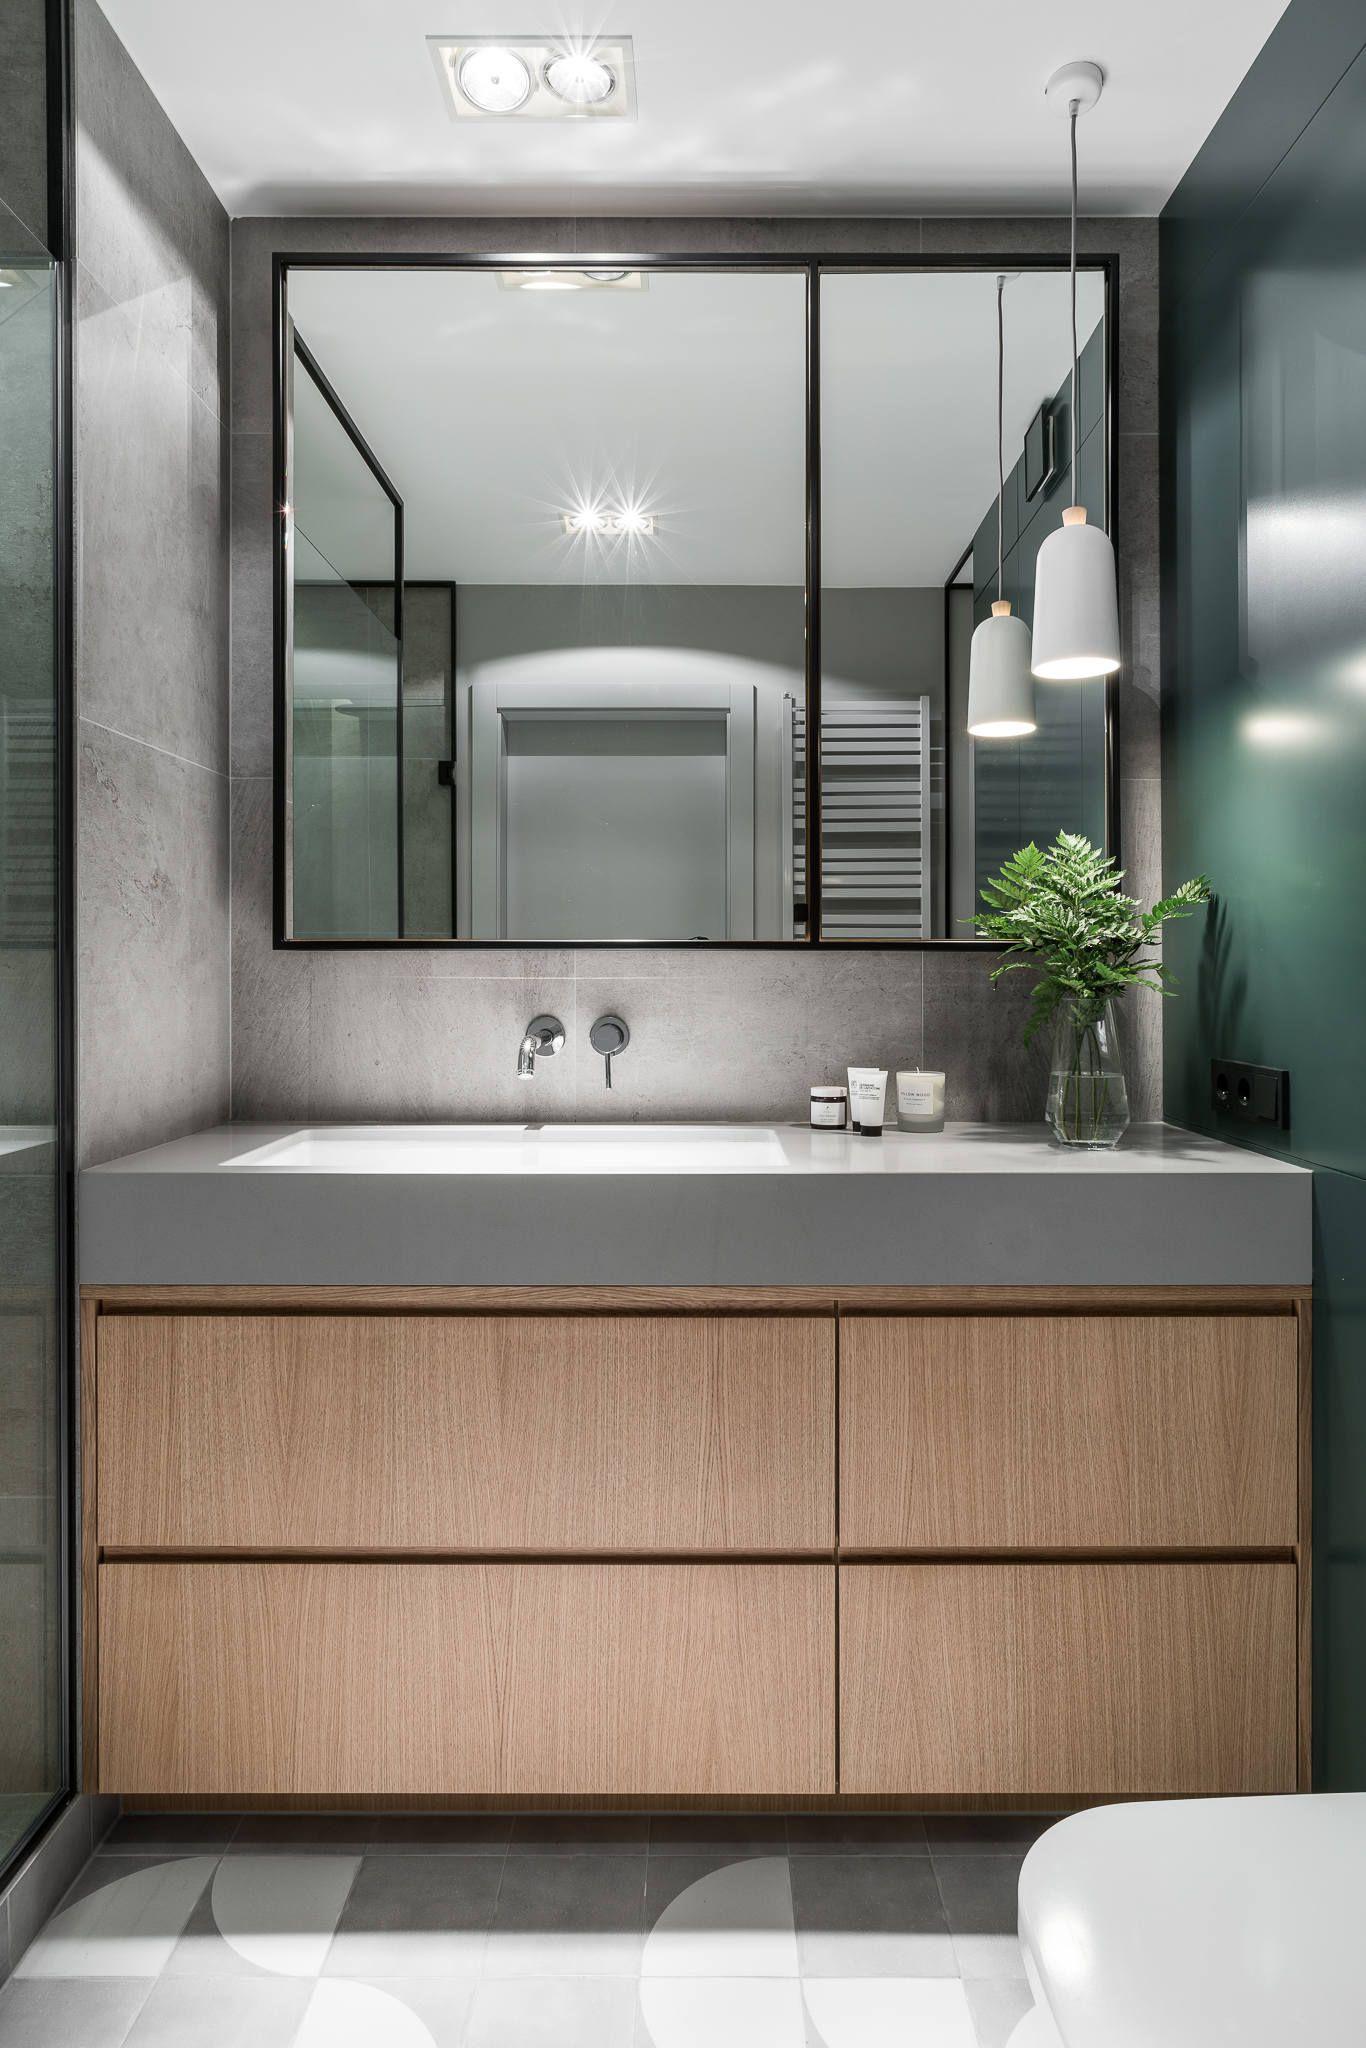 033 Beniowskiego Apartment Raca Architekci Homeadore Badezimmer Dekor Inneneinrichtung Apartments Badezimmer Design